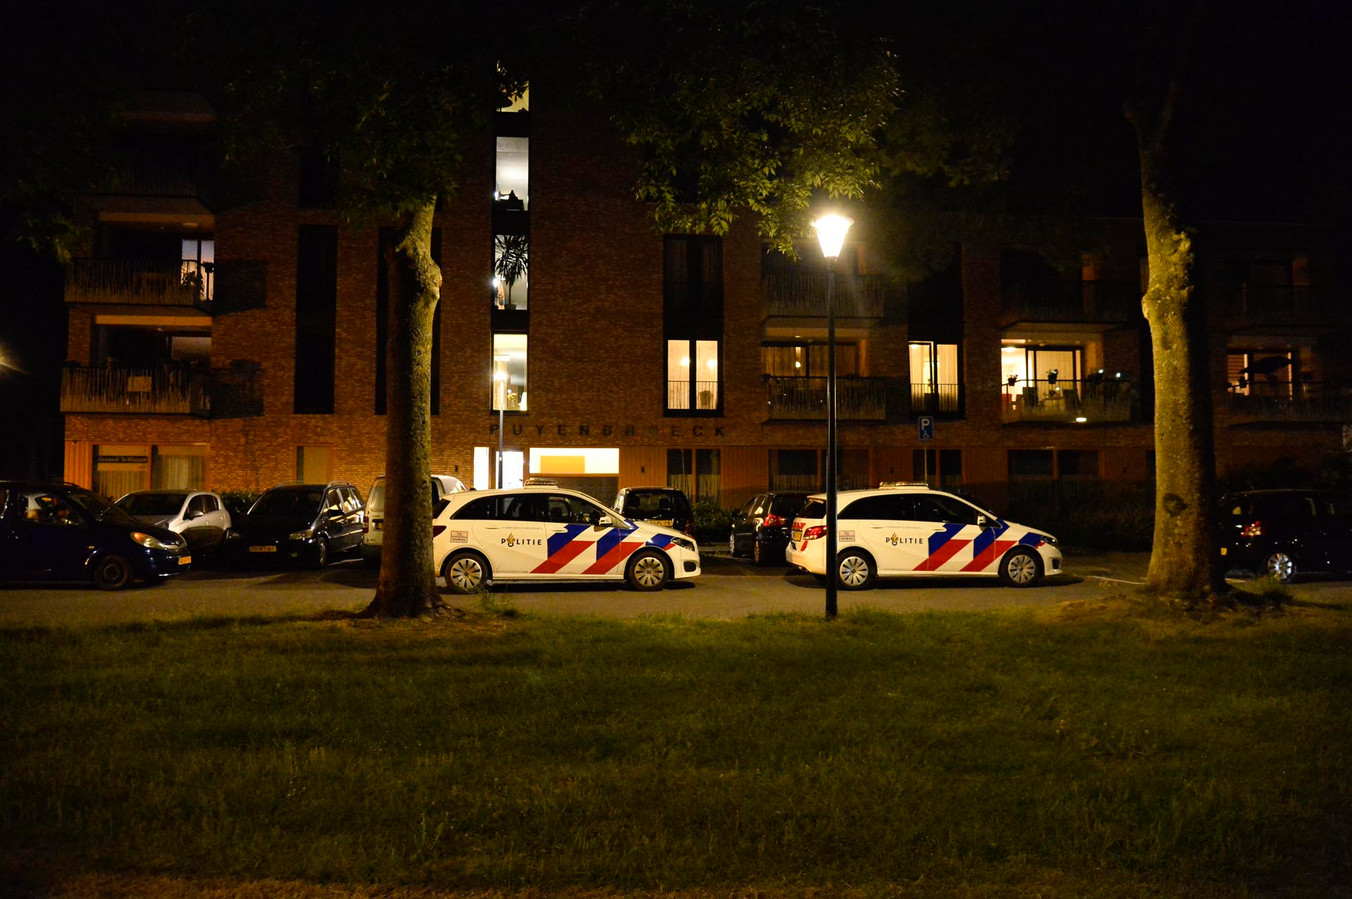 Vrouw zwaargewond aangetroffen in woning Breda.